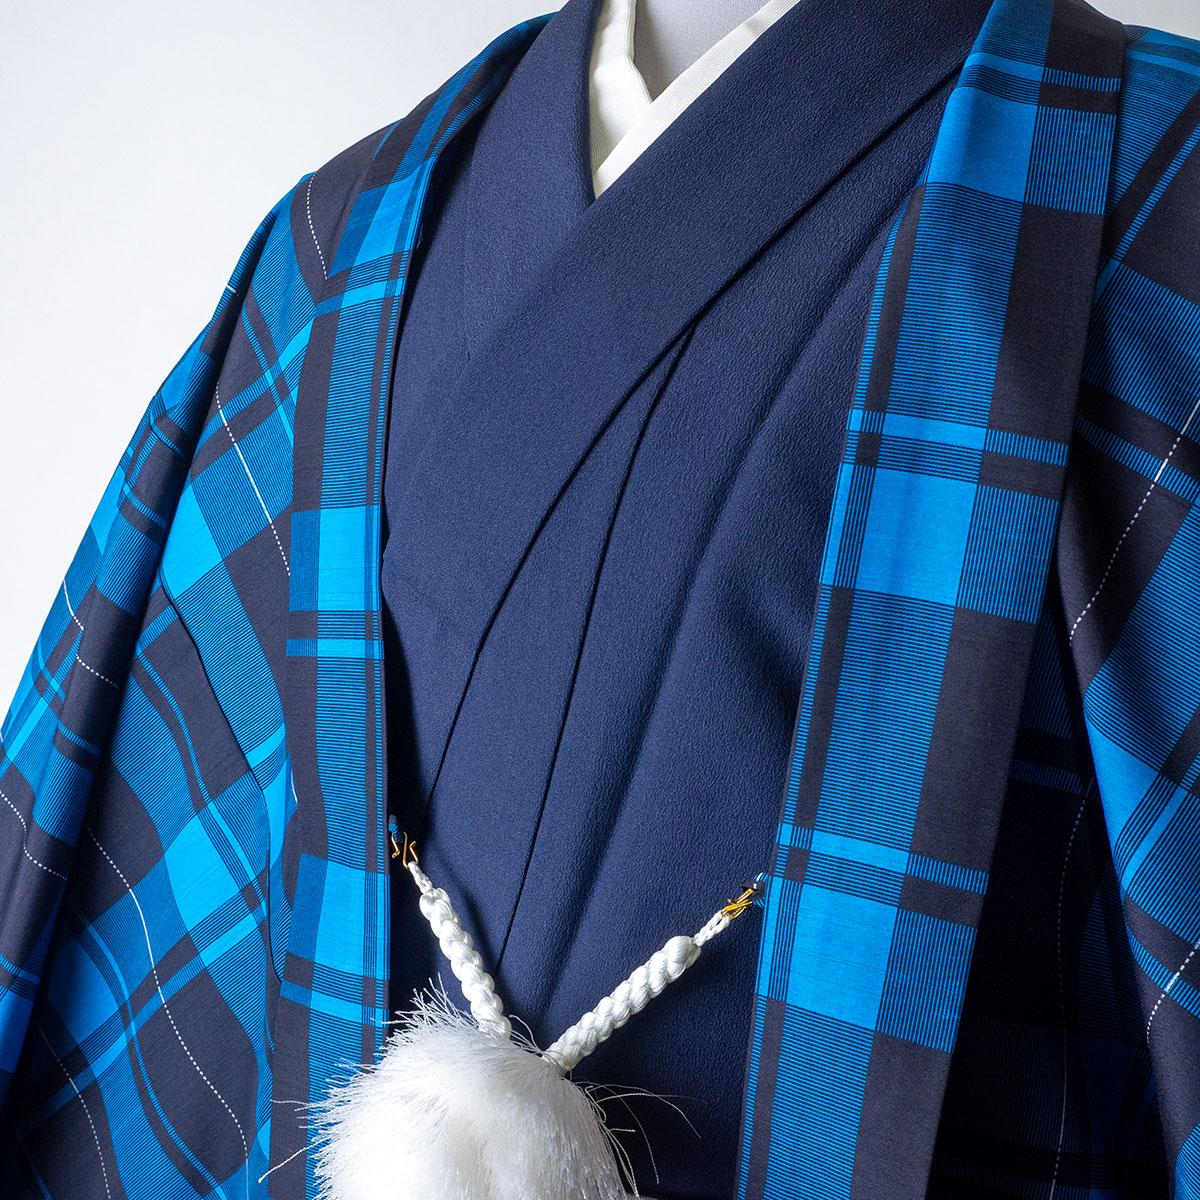  送料無料 【レンタル】【成人式】【対応身長170cm-180cm】男性用レンタル紋付き袴フルセット